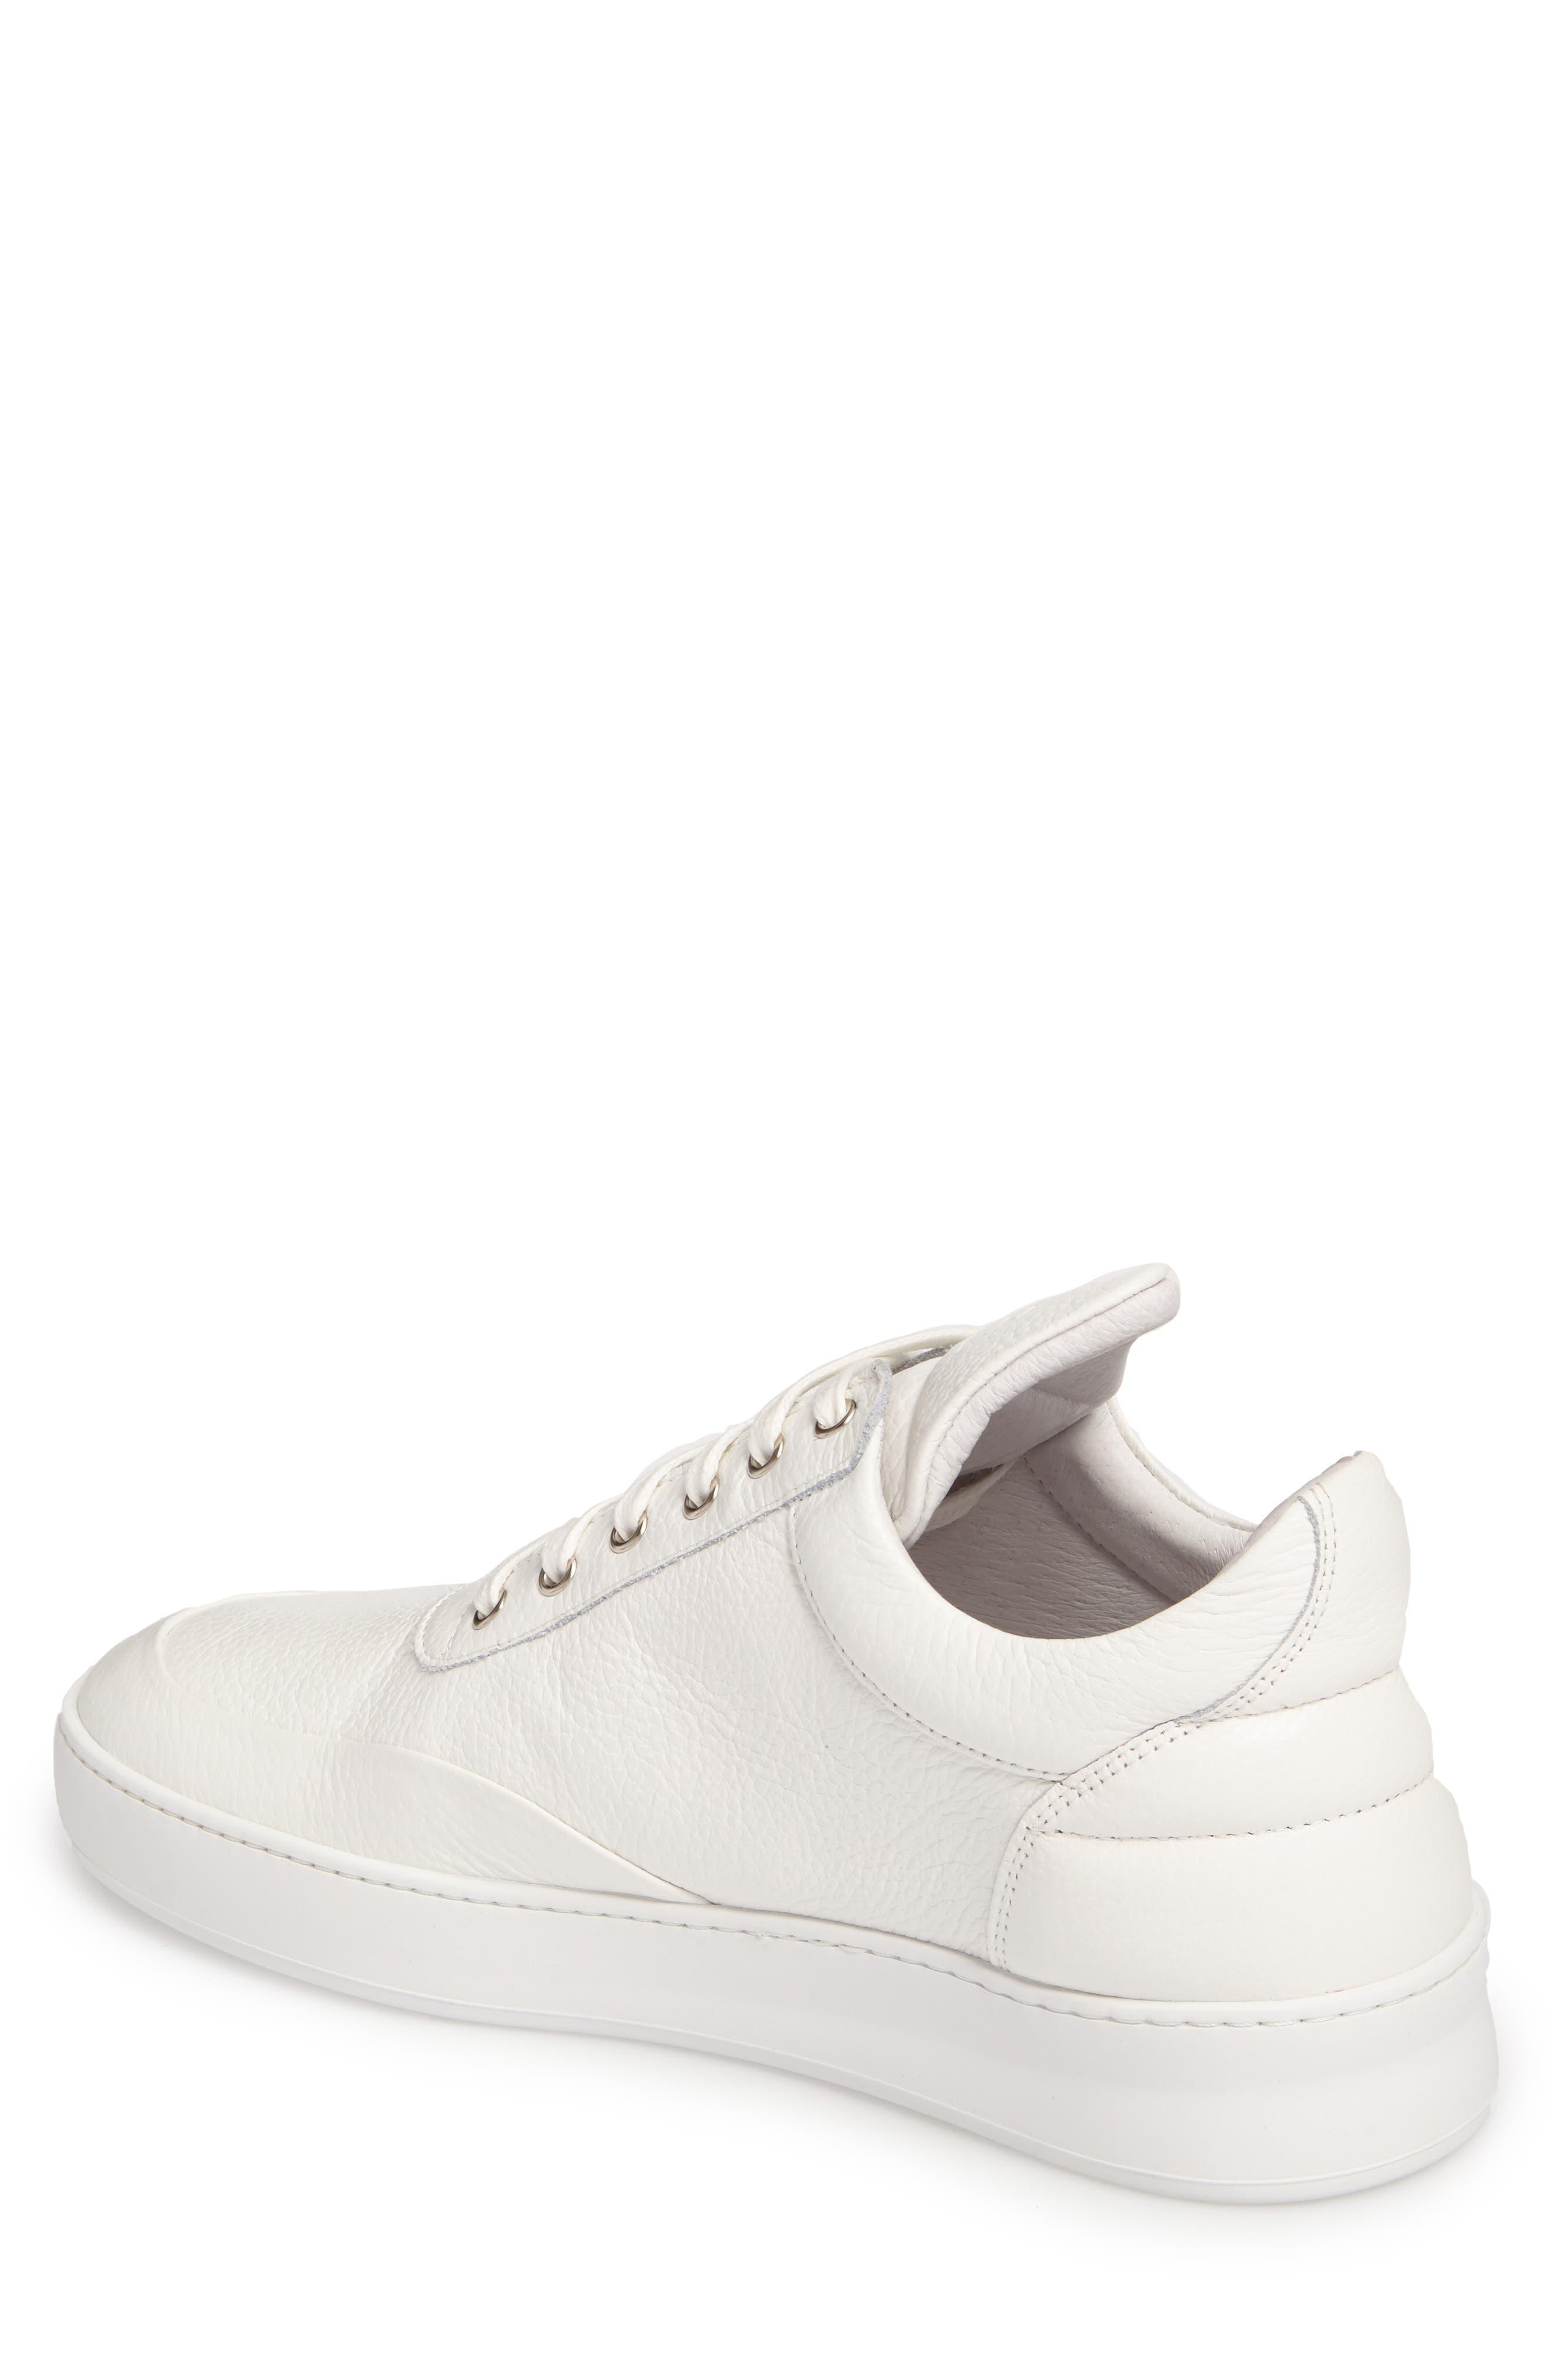 Low Top Sneaker,                             Alternate thumbnail 2, color,                             100